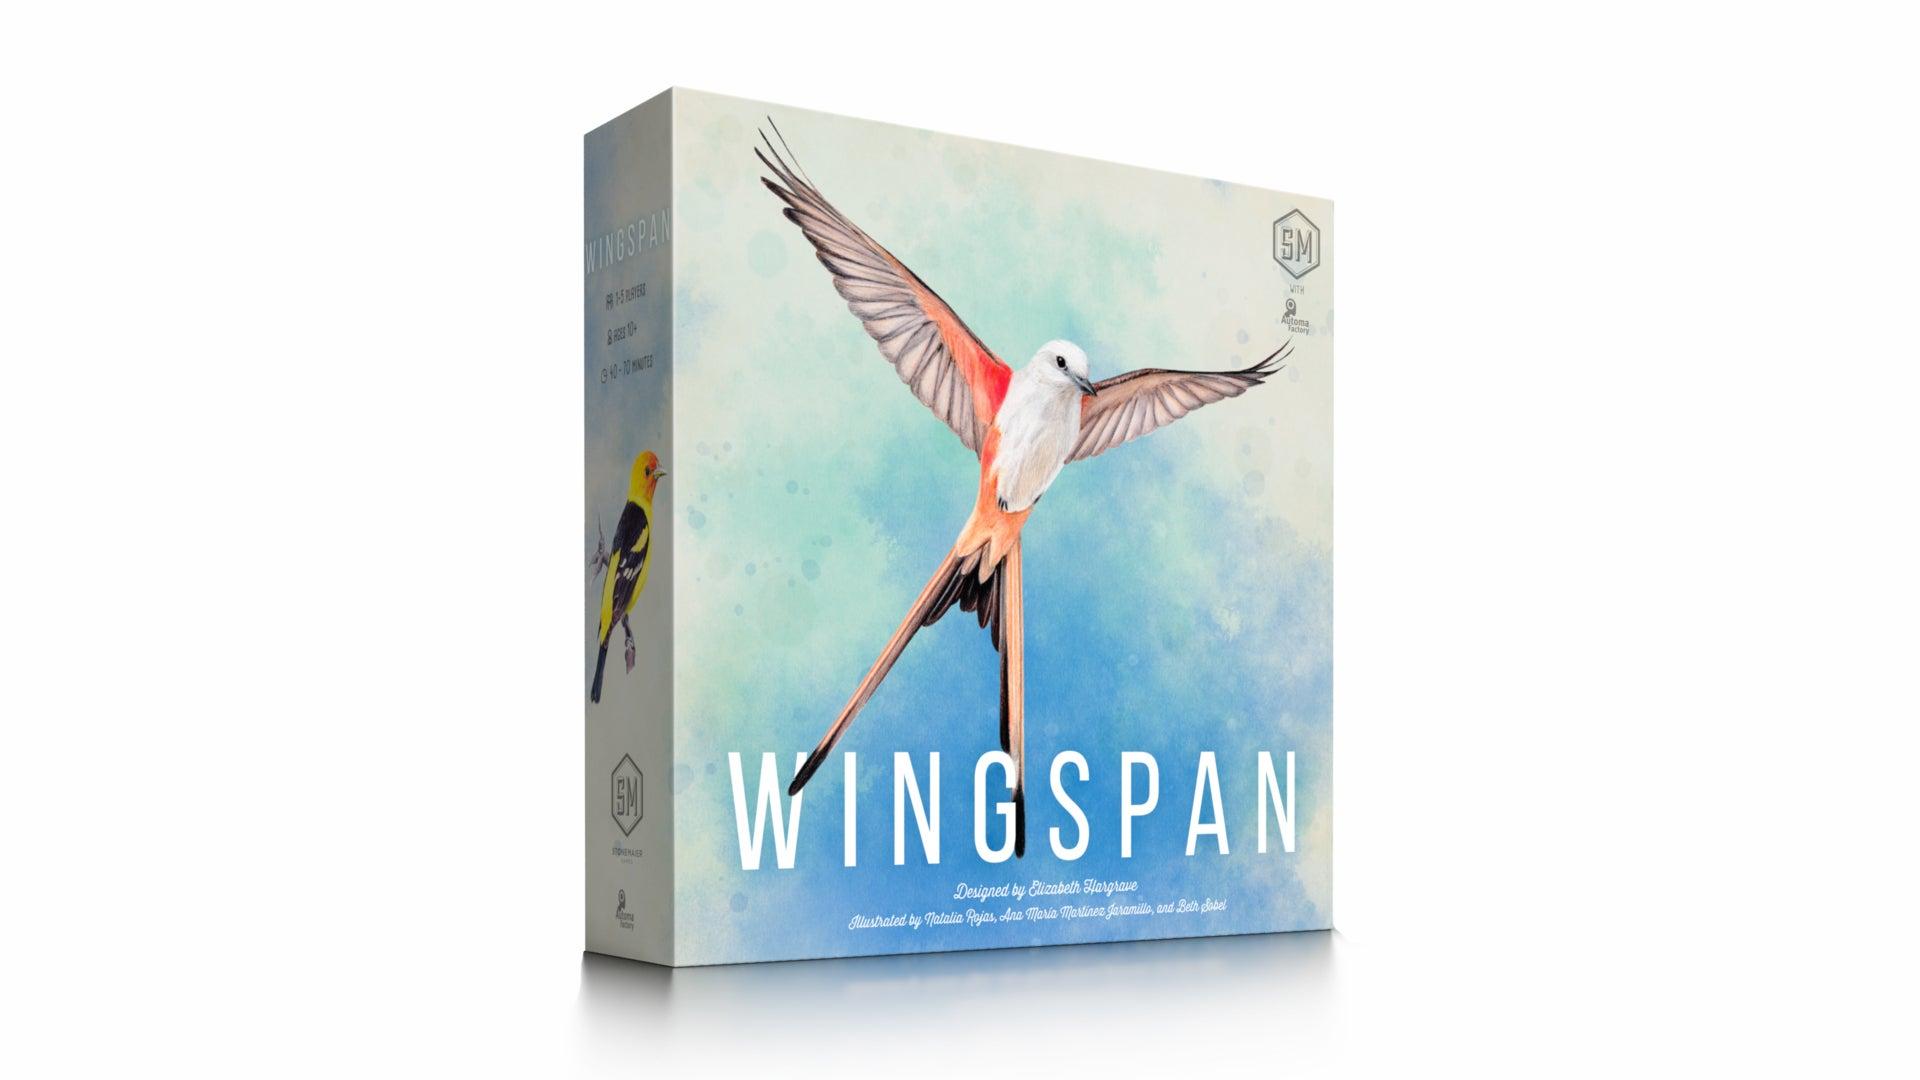 Wingspan board game box